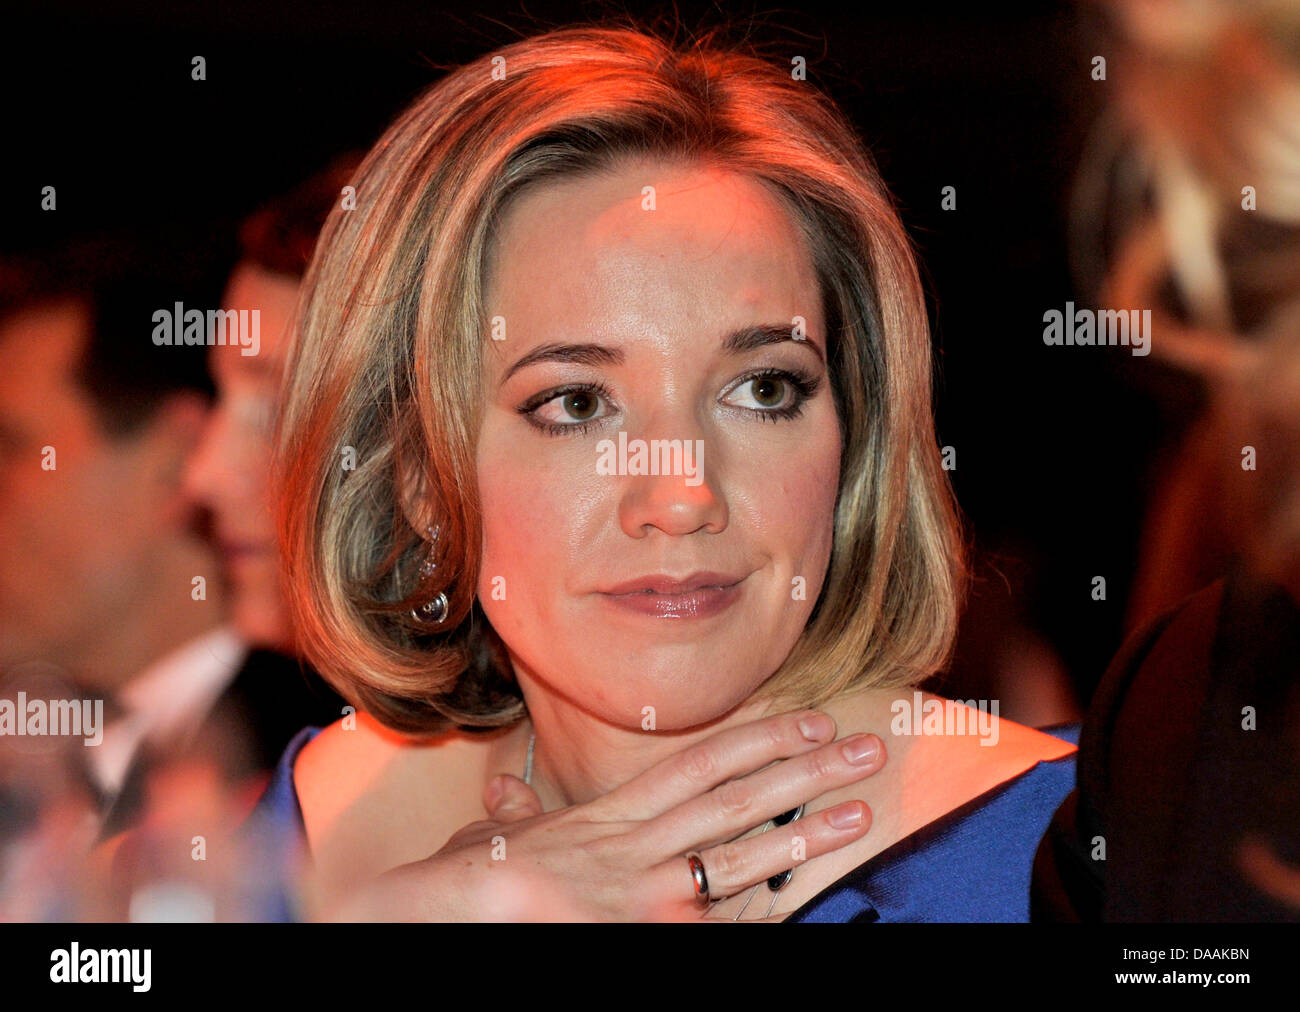 Bundesfamilienministerin Kristina Schröder amüsiert sich am Samstag (05.02.2011) auf dem 41. 'Ball - Stock Image